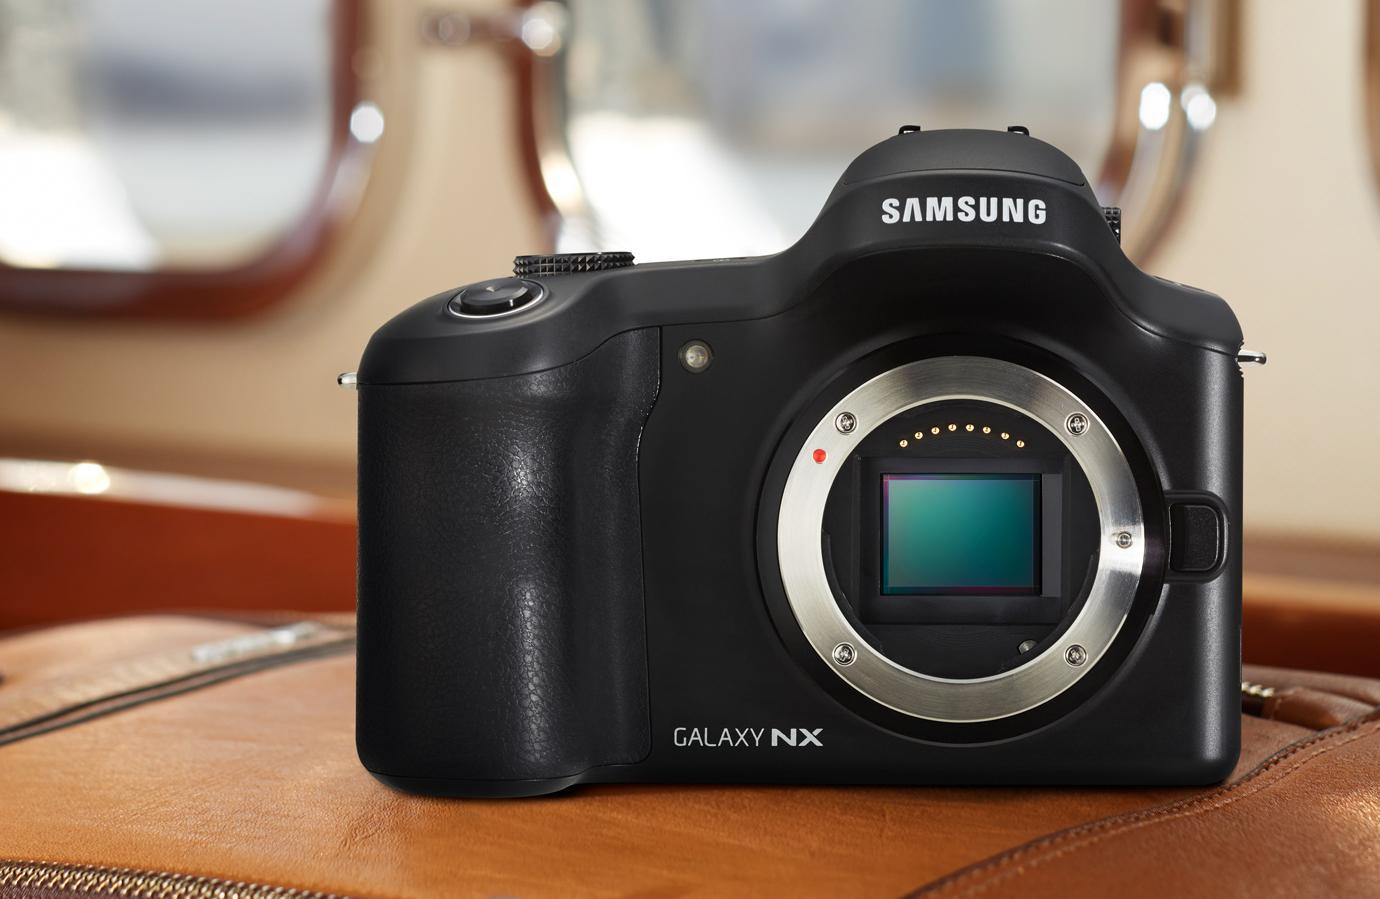 The Samsung Galaxy NX has a 20.3-megapixel APS-C format (23.5 x 15.7 mm) CMOS sensor